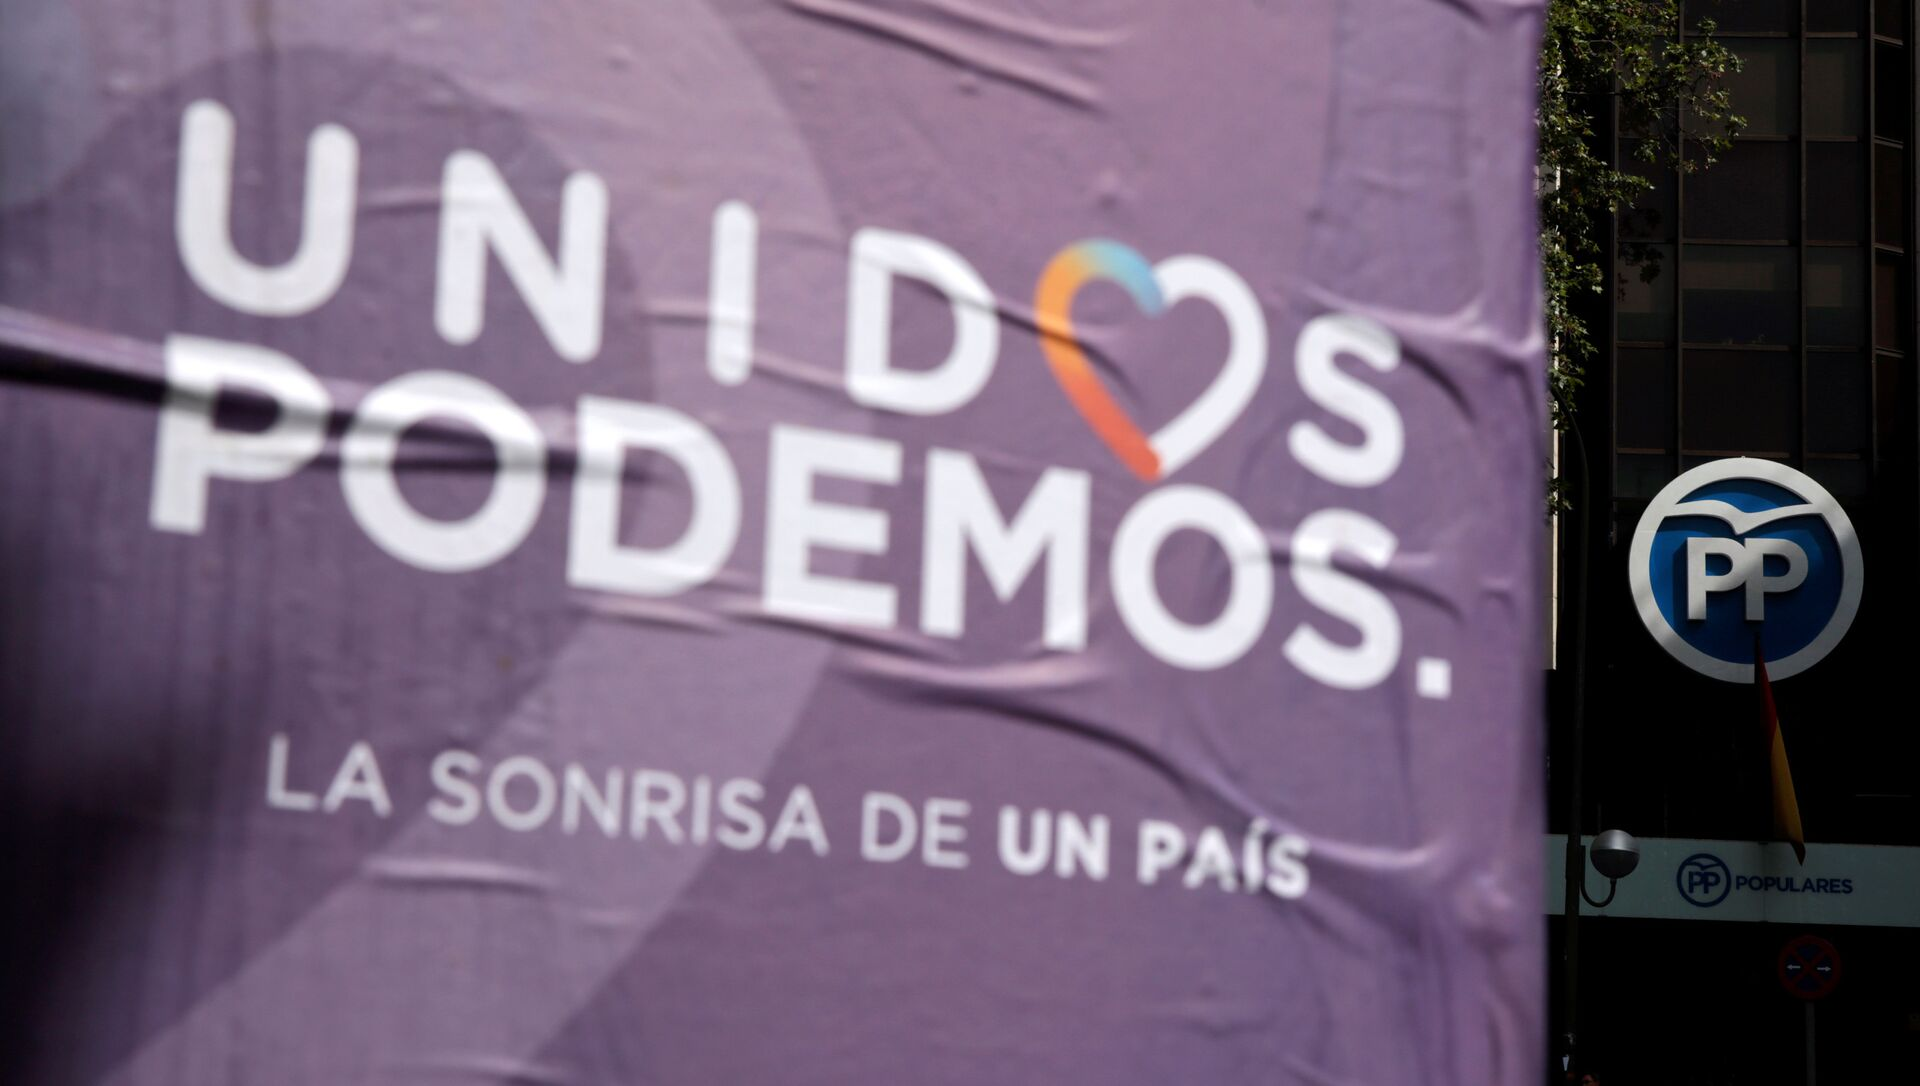 Cartel de la coalición Unidos Podemos al lado de la sede del Partido Popular - Sputnik Mundo, 1920, 11.08.2020